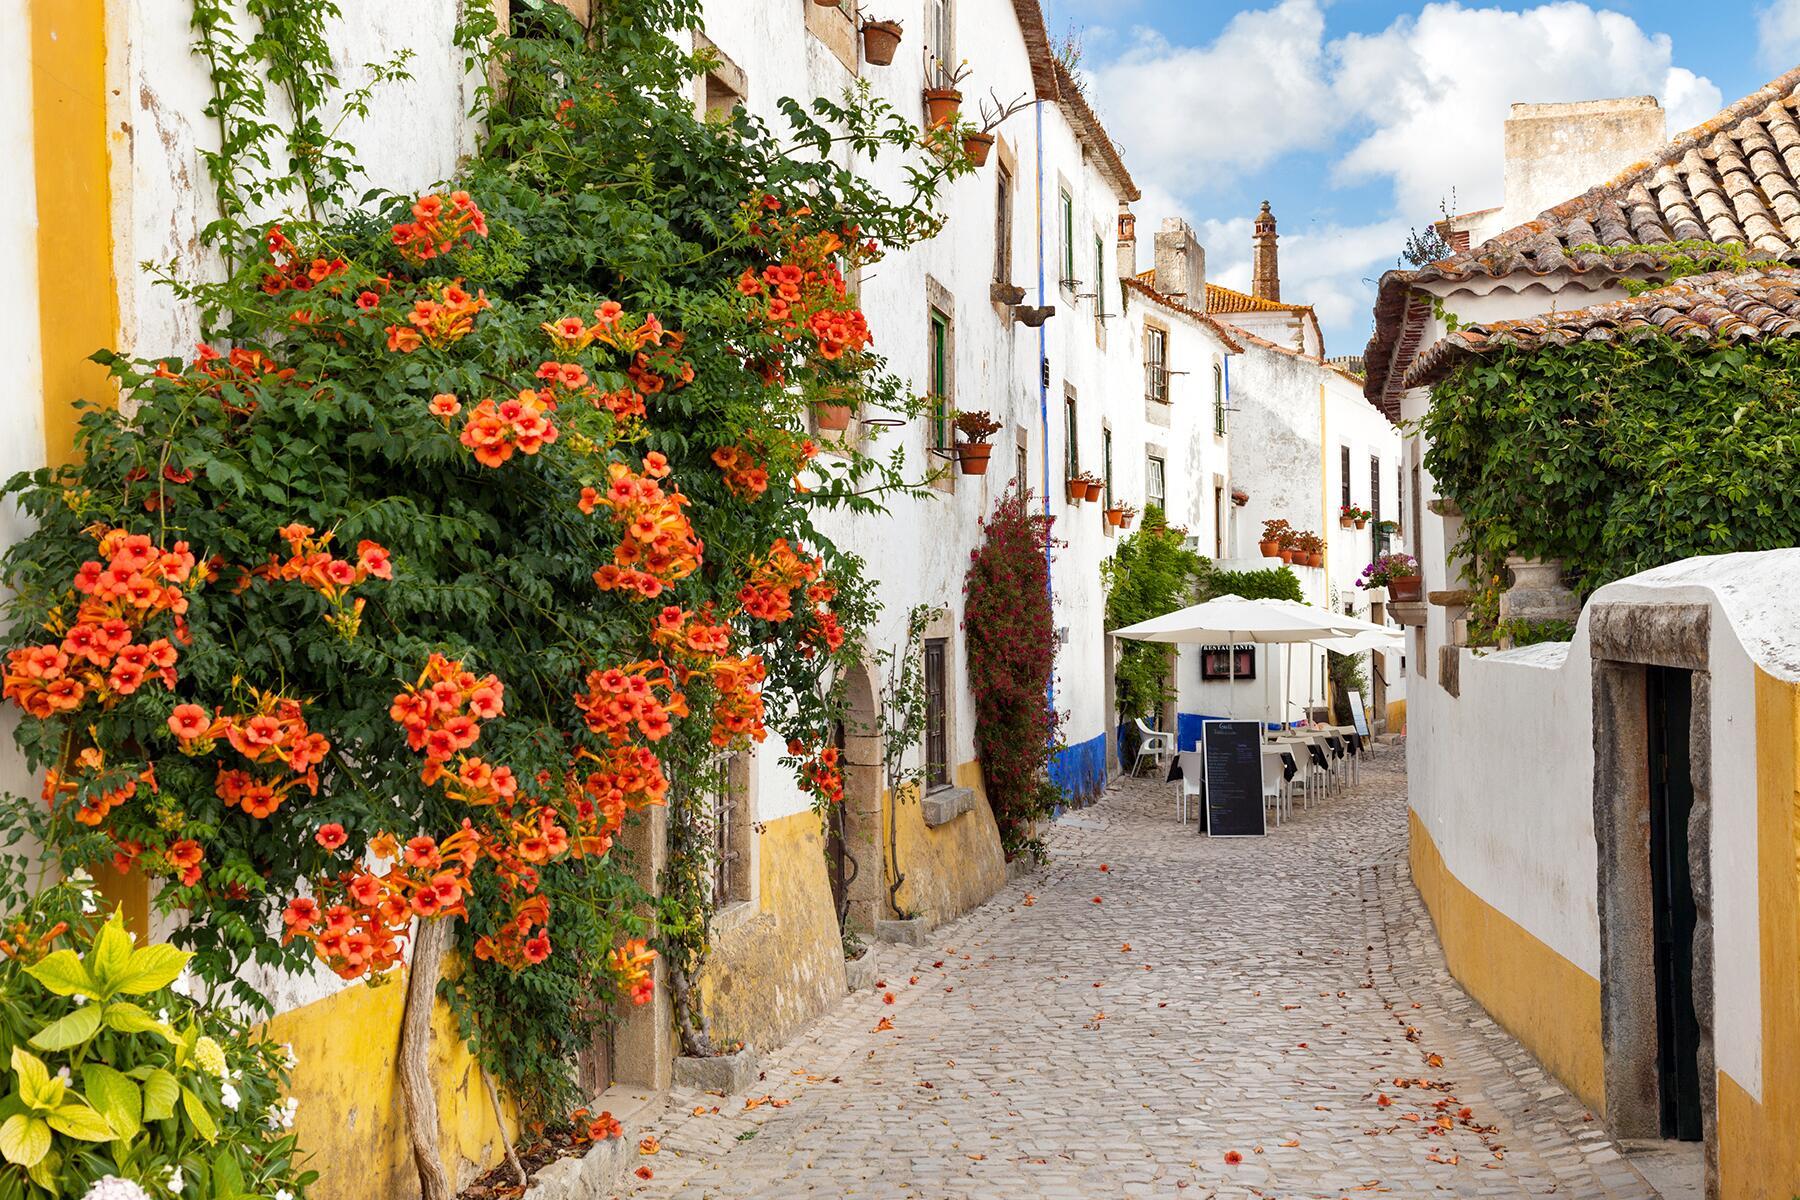 04_ForgottenVillagesPortugal__Obidos_4.) iStock-162248811